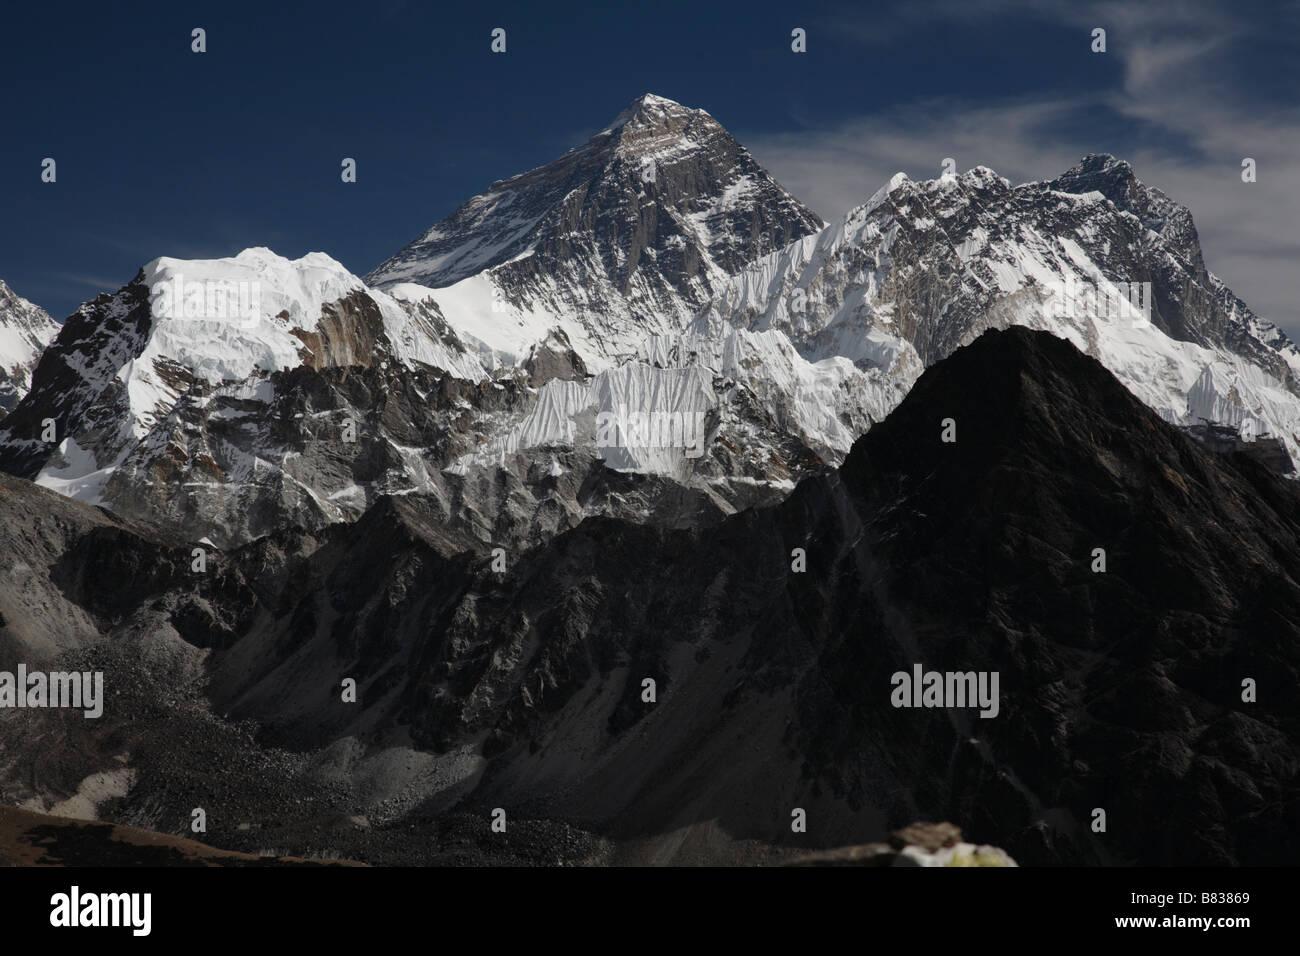 Everest range and Ngozumba Glacier from summit of Gokyo Ri - Stock Image